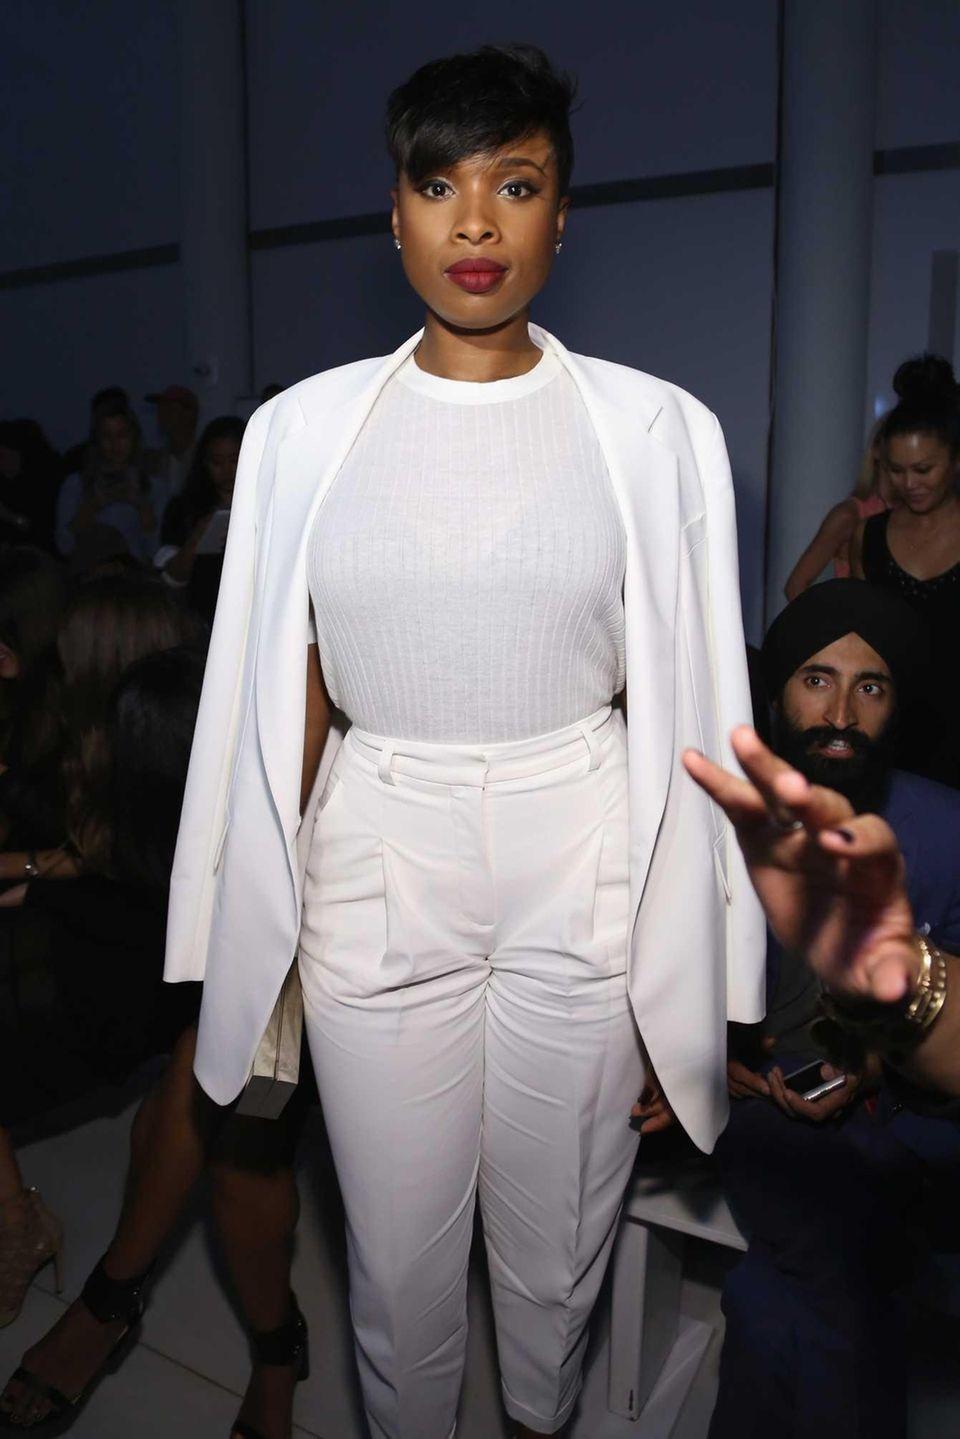 Singer Jennifer Hudson attends DKNY Women's Spring 2016